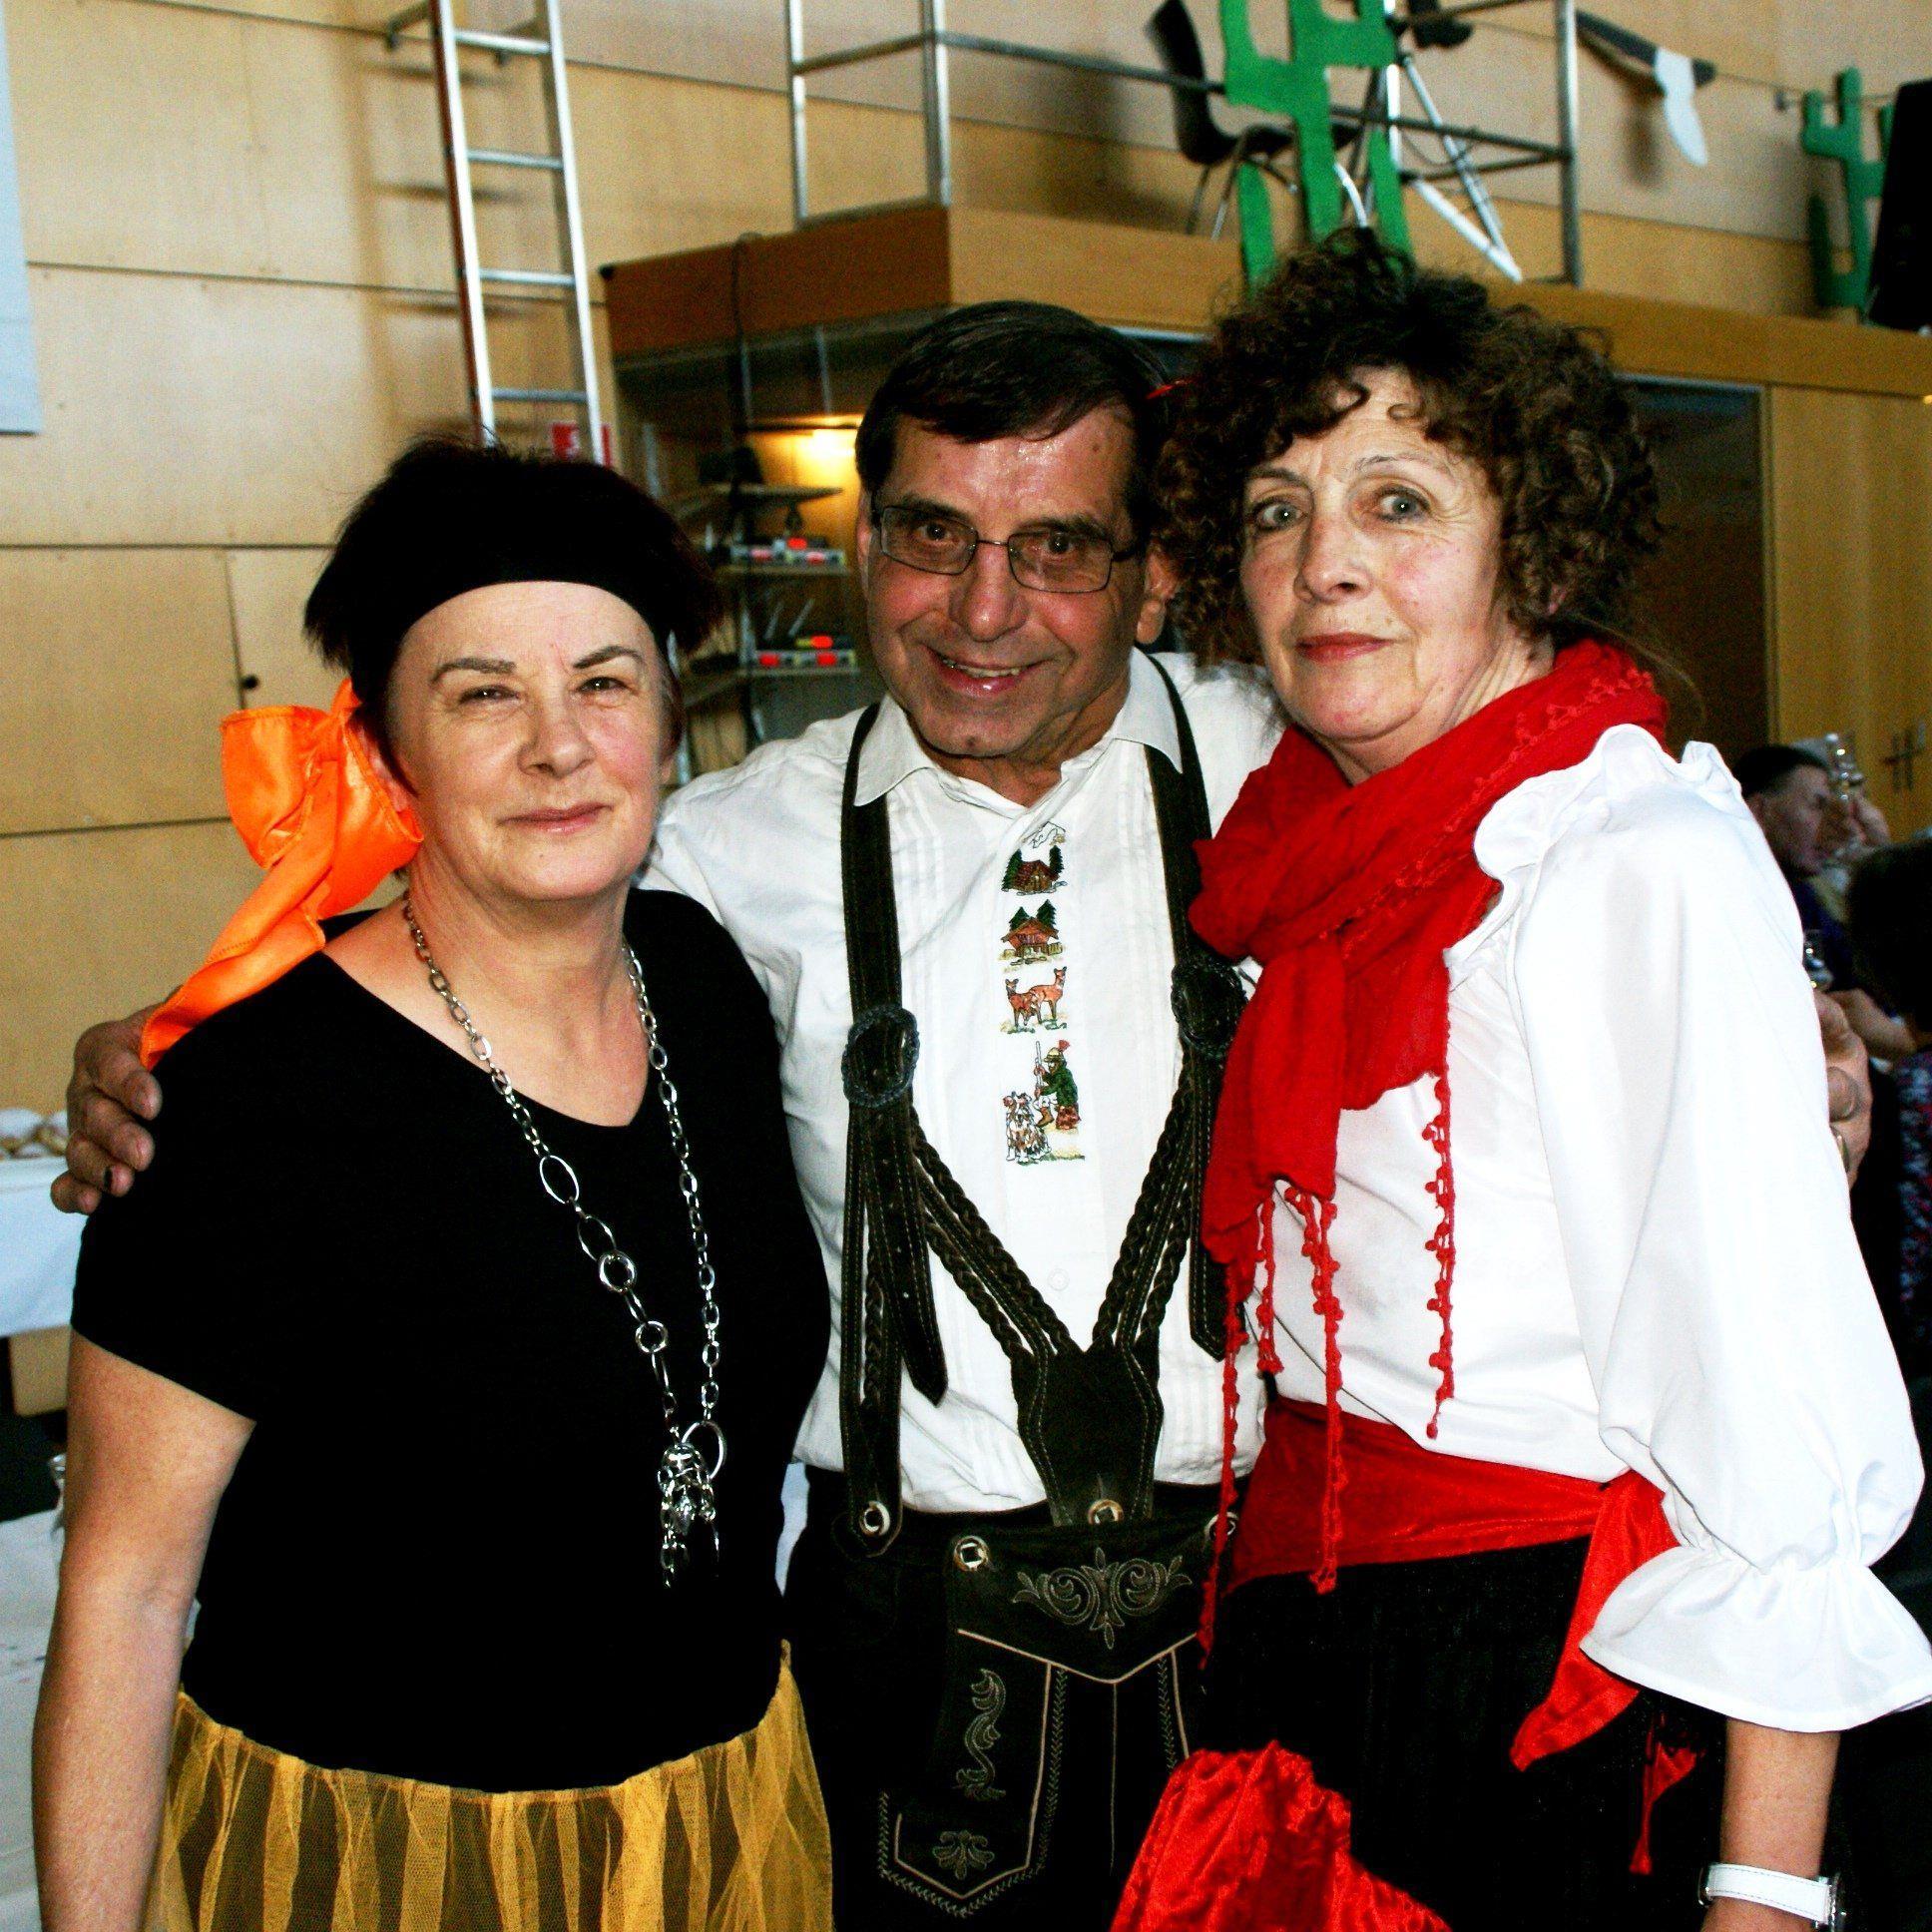 Herlinde, Josef und Rosmarie tanzten fleißig